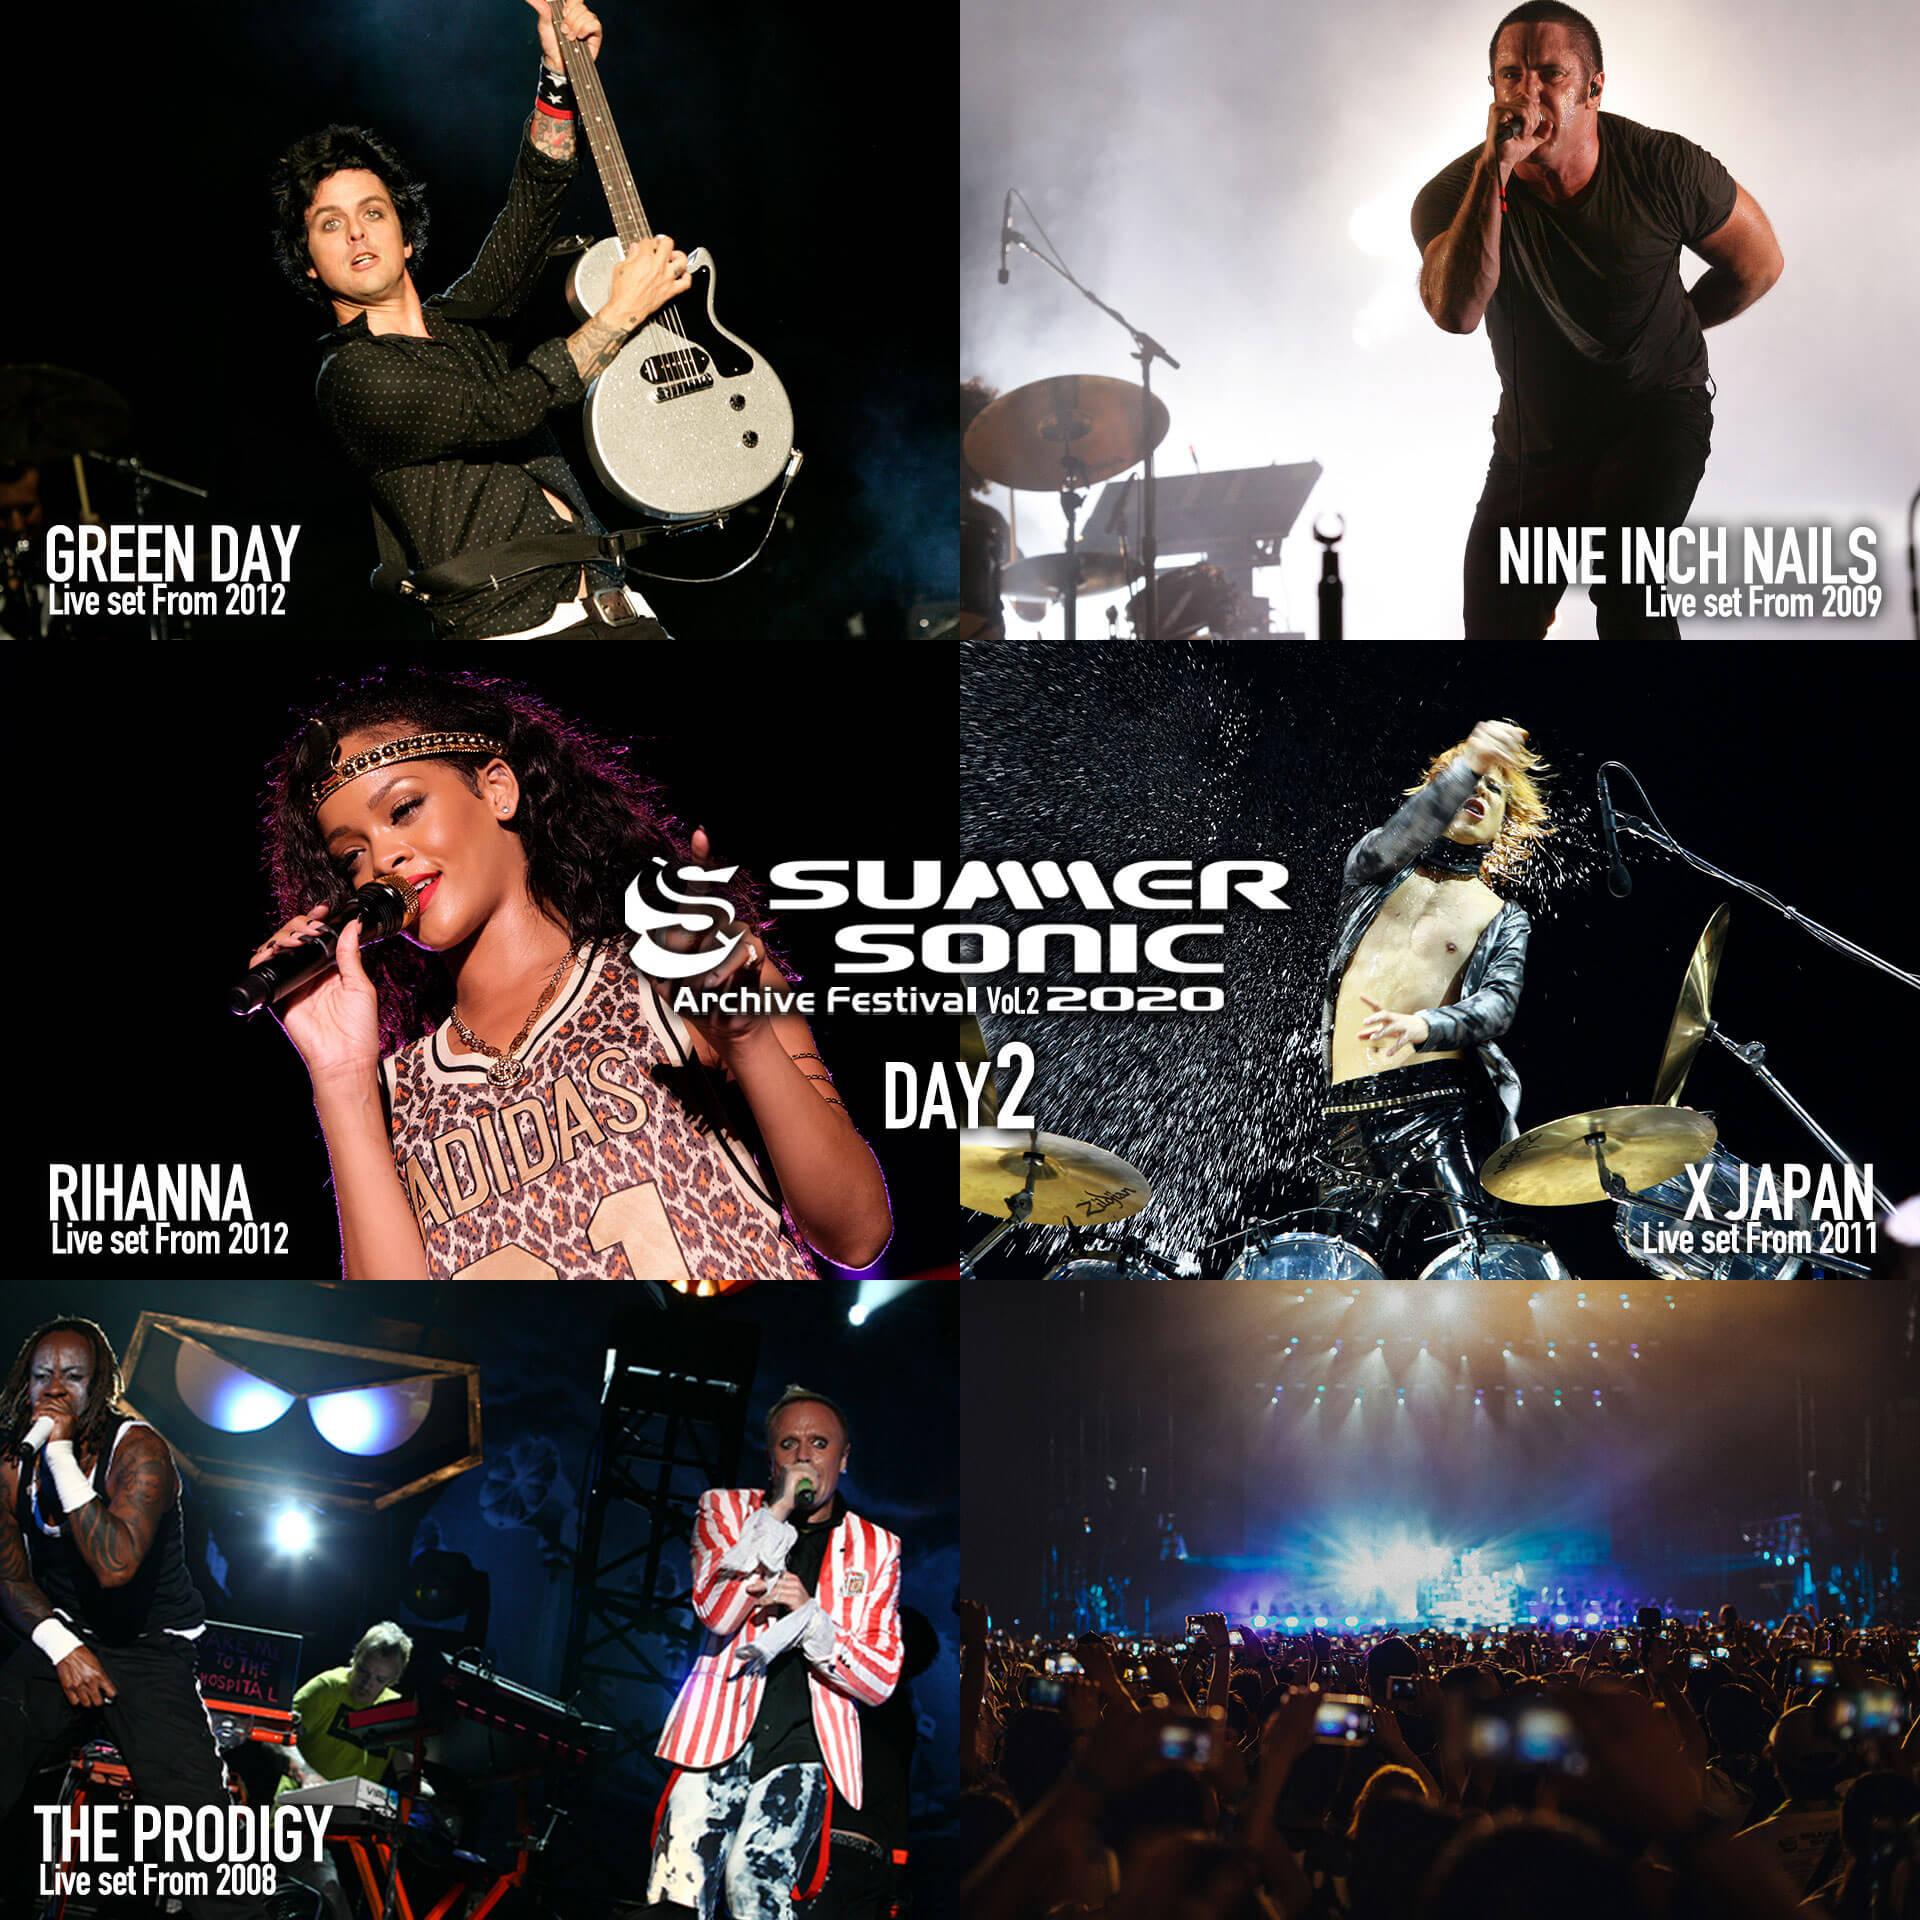 <SUMMER SONIC 2020 アーカイヴフェスティバル>第2弾の配信アーティストが決定!Rihanna、Green Day、Oasis、Sigur Ros、The Prodigyなど12組 music200720_summersonic_archive_2